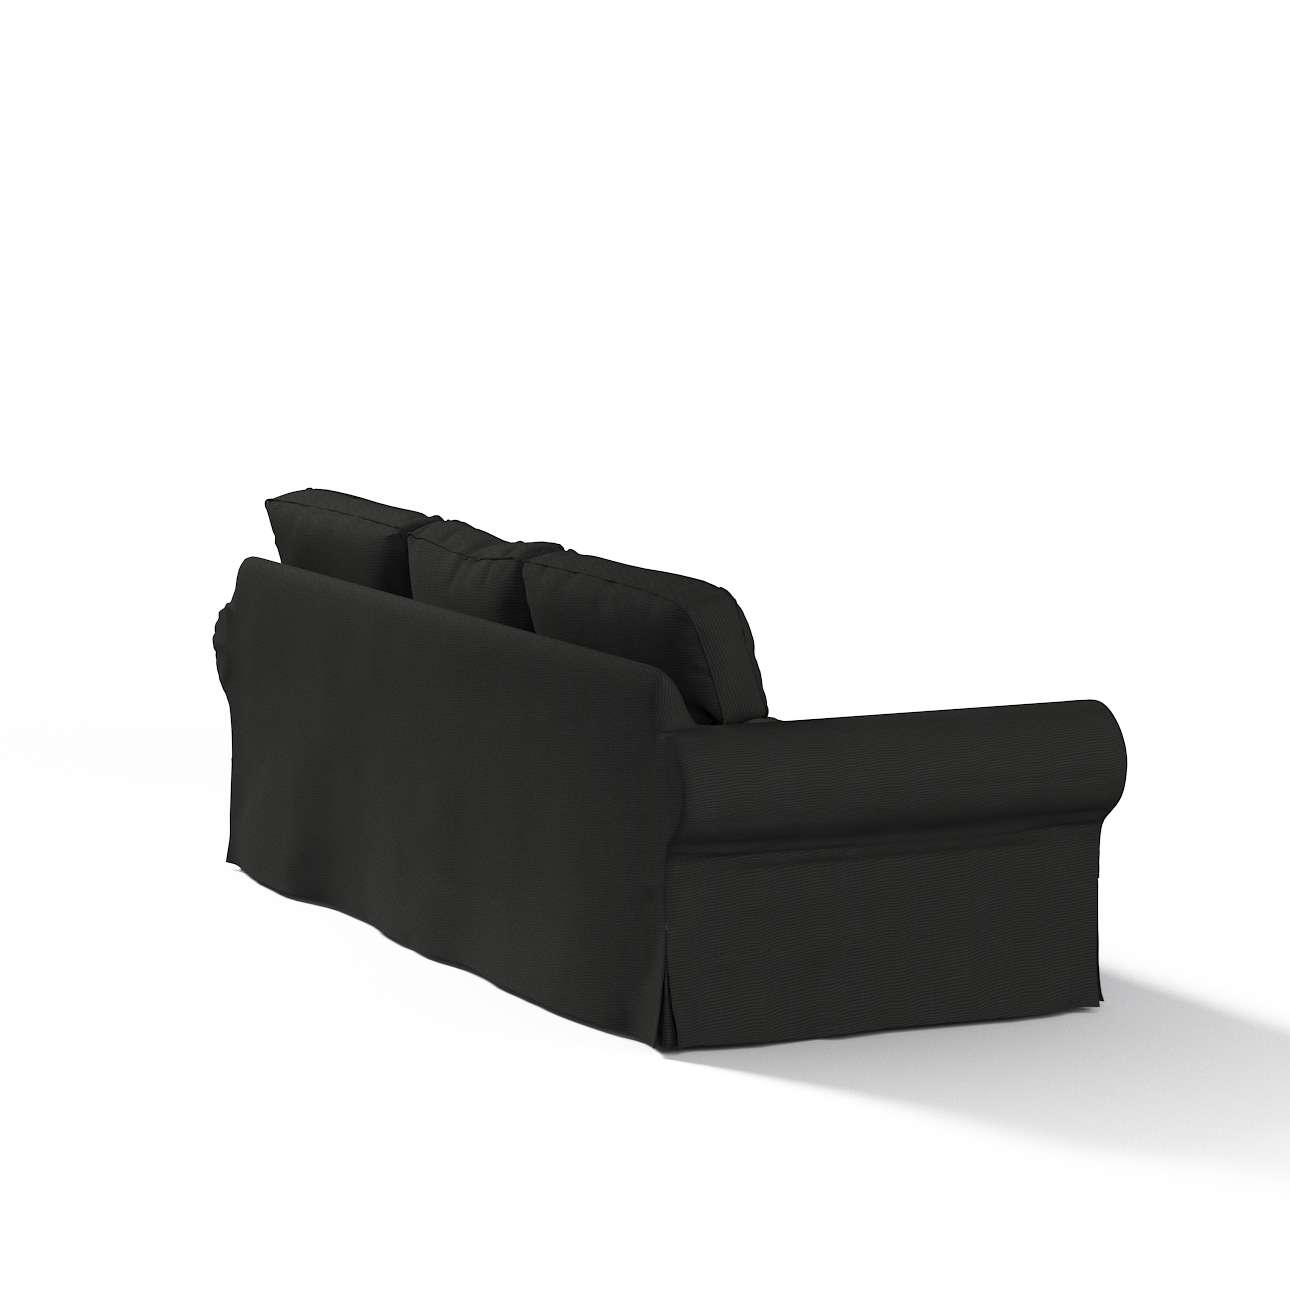 Ektorp trivietės sofos užvalkalas Ektorp trivietės sofos užvalkalas kolekcijoje Etna , audinys: 705-00